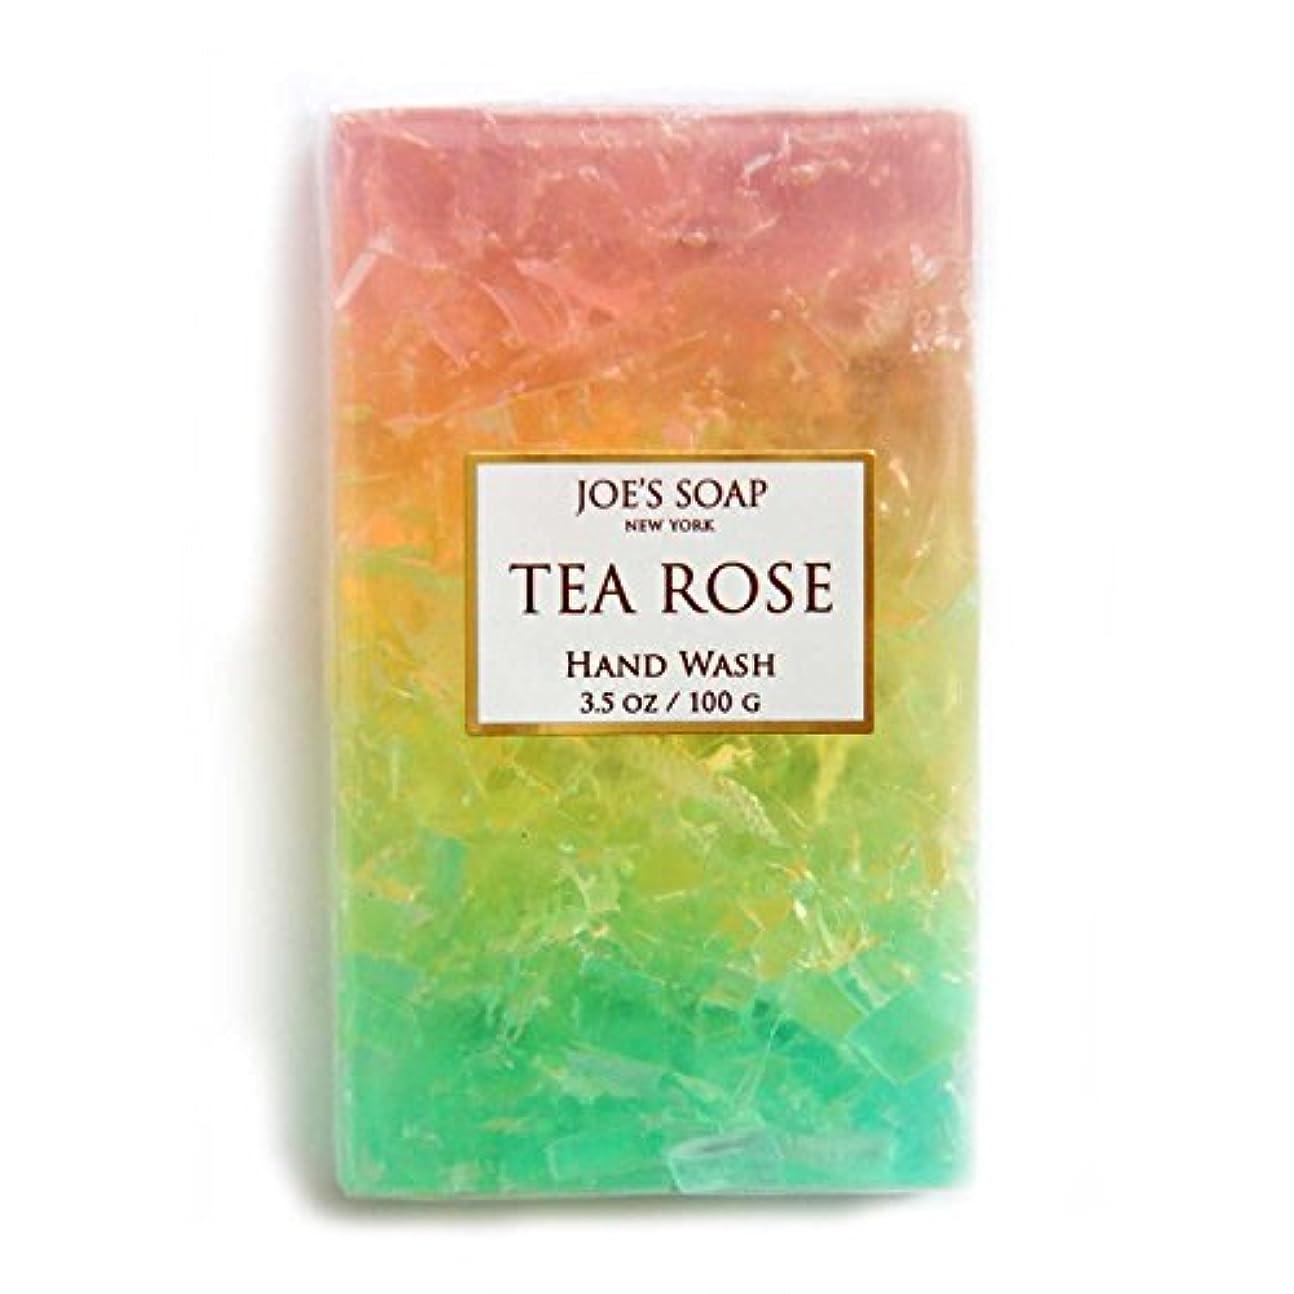 副以下ダイエットJOE'S SOAP ジョーズソープ グラスソープ 100g 石けん ボディソープ 洗顔料 せっけん 固形 ギフト